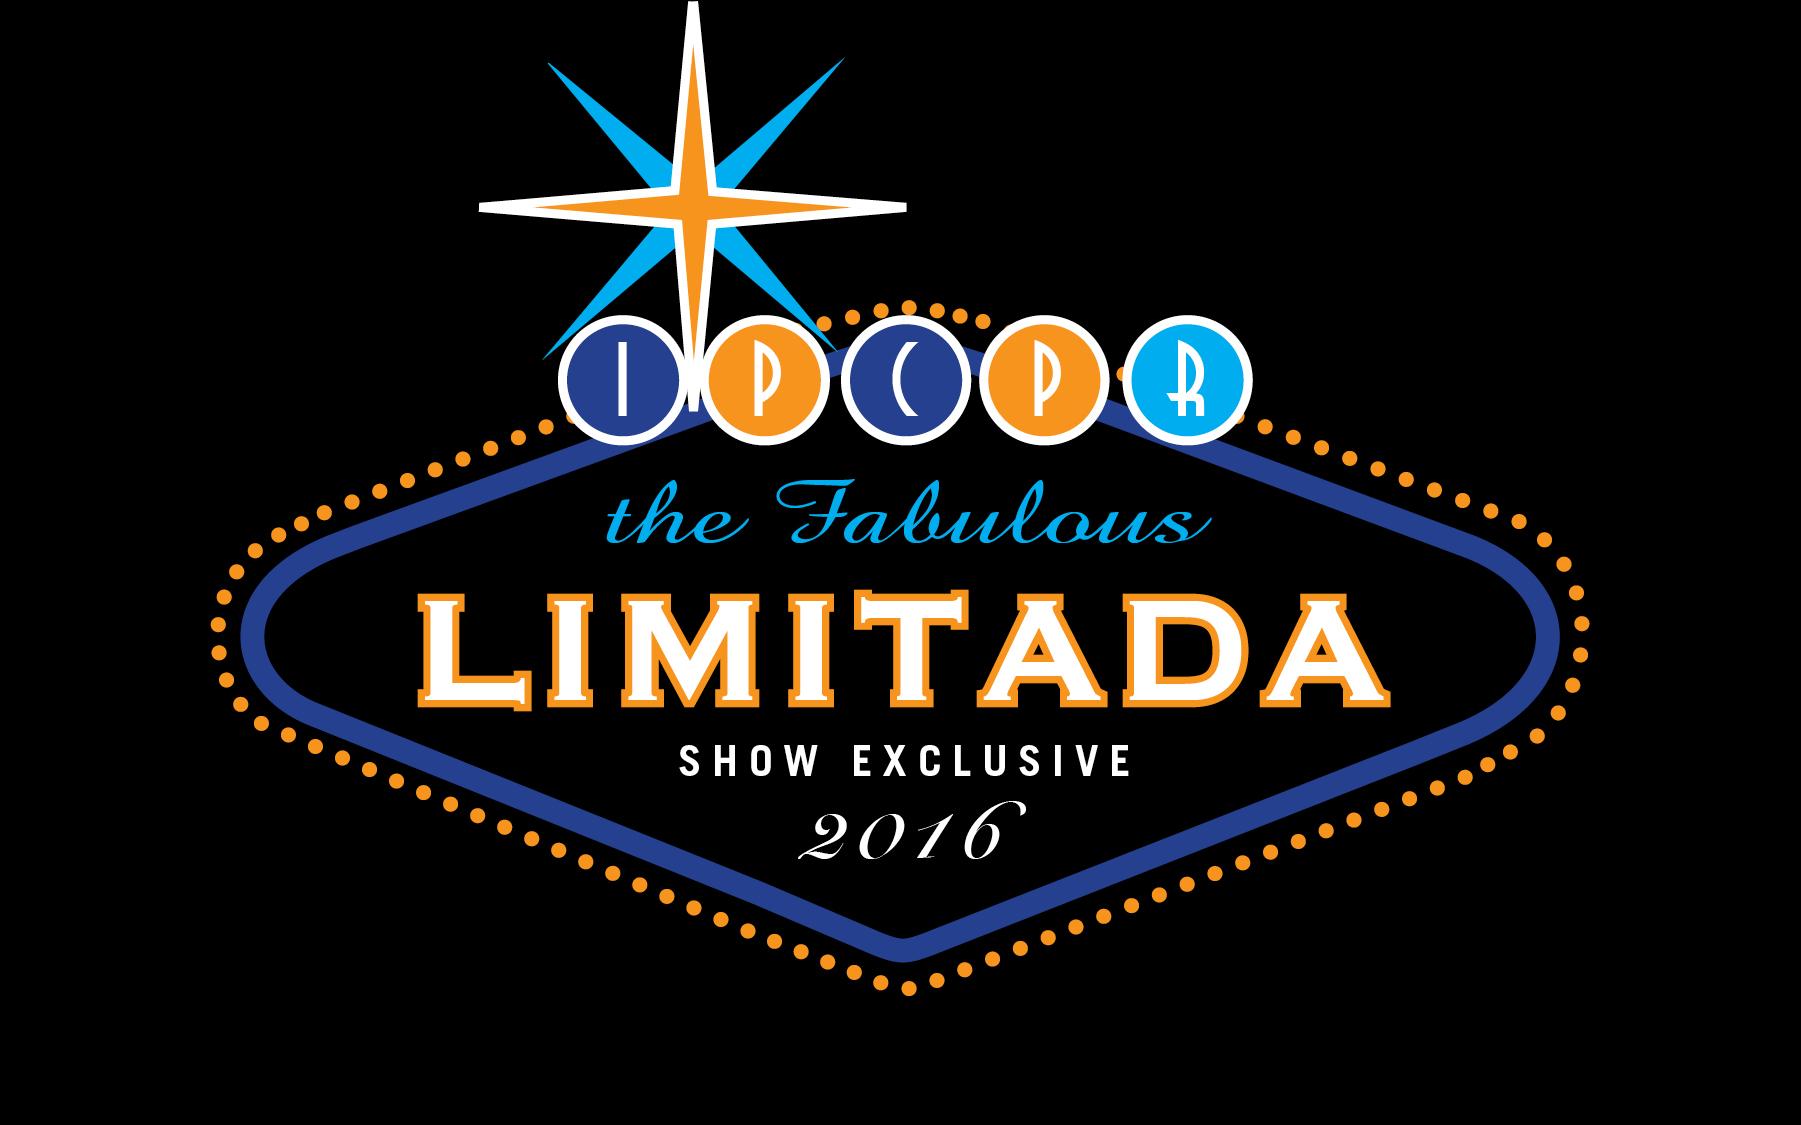 Cigar News: Crux Limitada Show Exclusive 2016